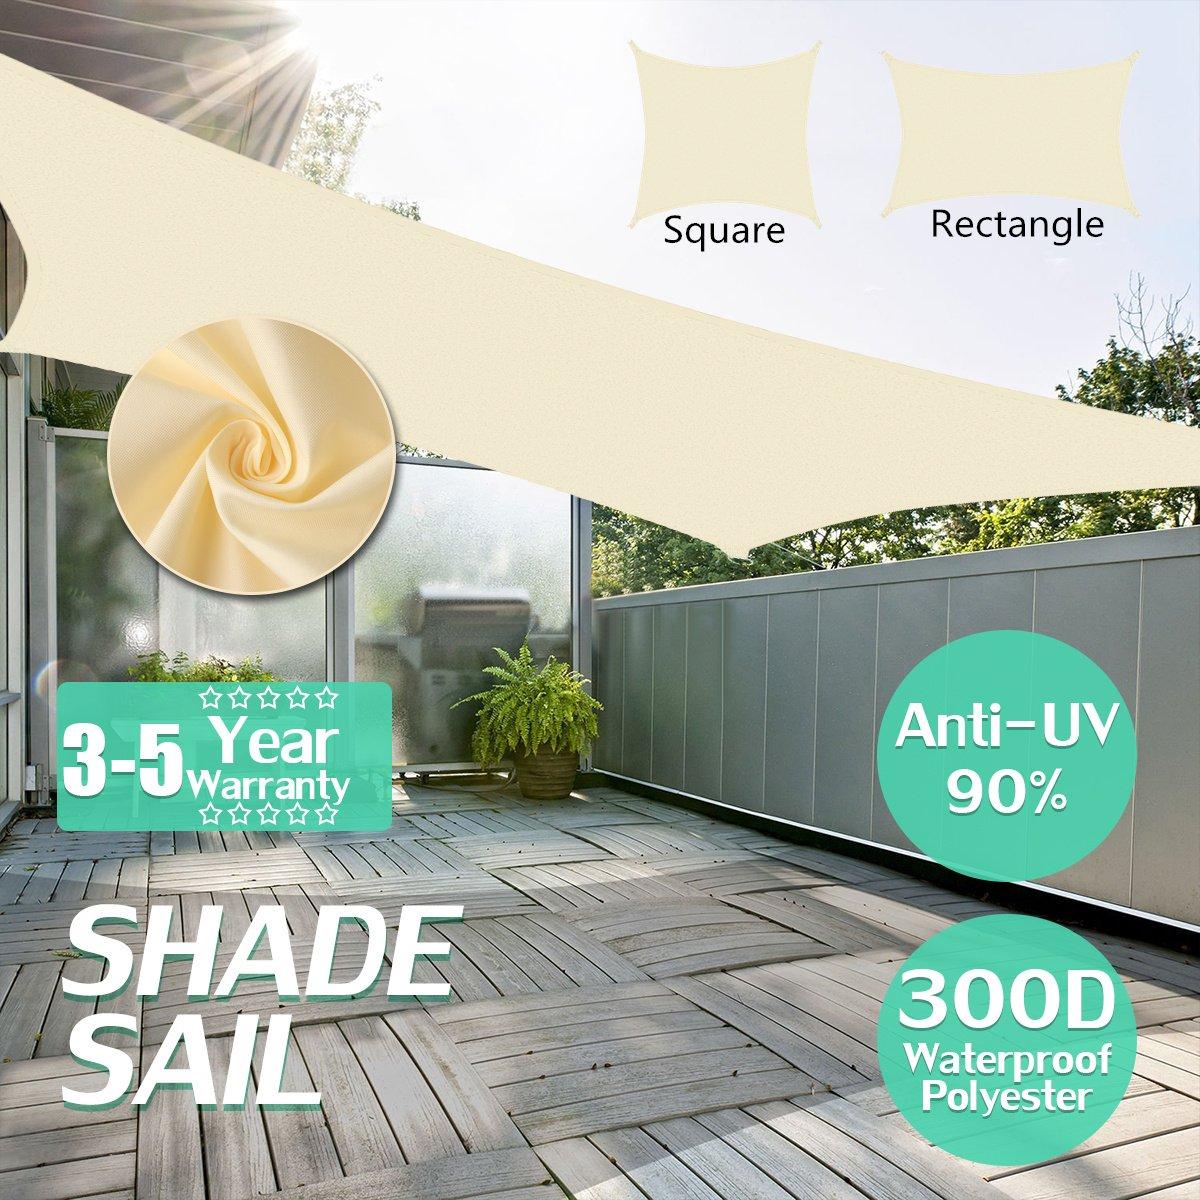 King do way Vele Parasole, Vela da Giardino Tenda Parasole Esterno Protezione Solare Ombreggiante da Raggi UV in PE Impermeabile colore Bianco Latte Multi-Dimensione 3x6m